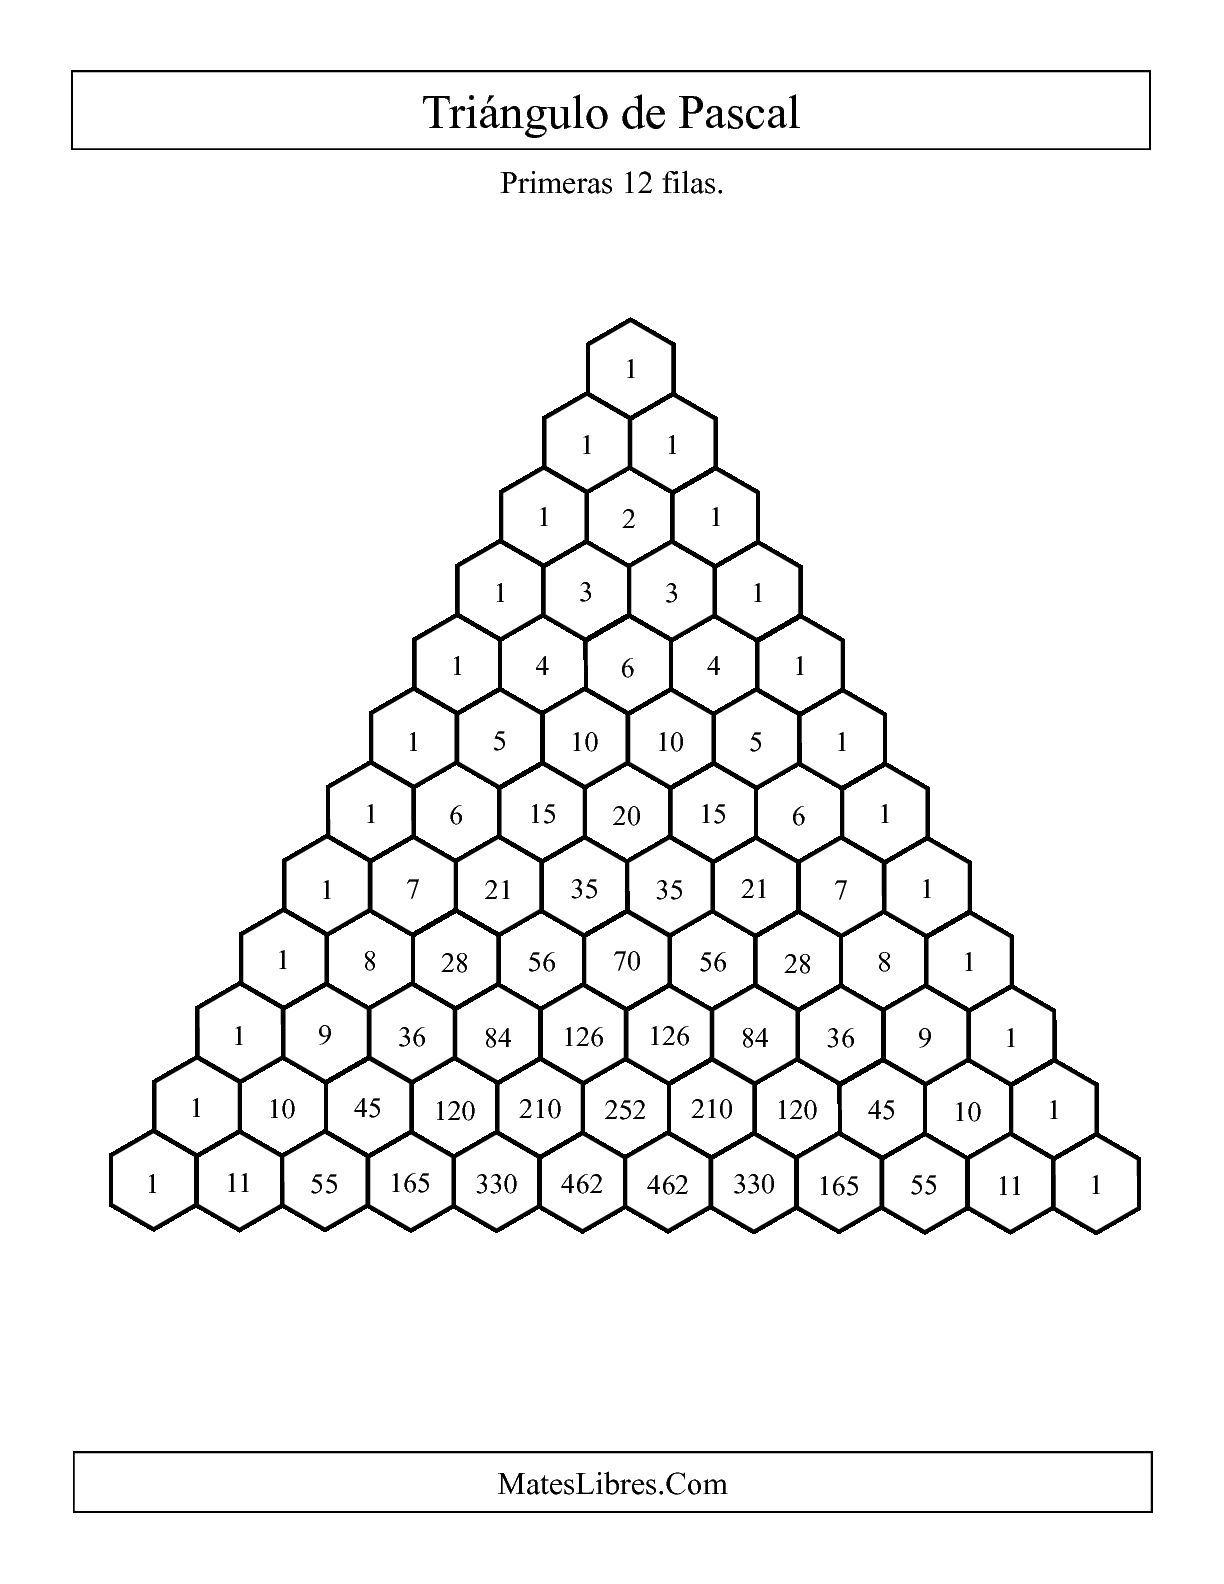 La Hoja De Ejercicios De Matematicas De Triangulo De